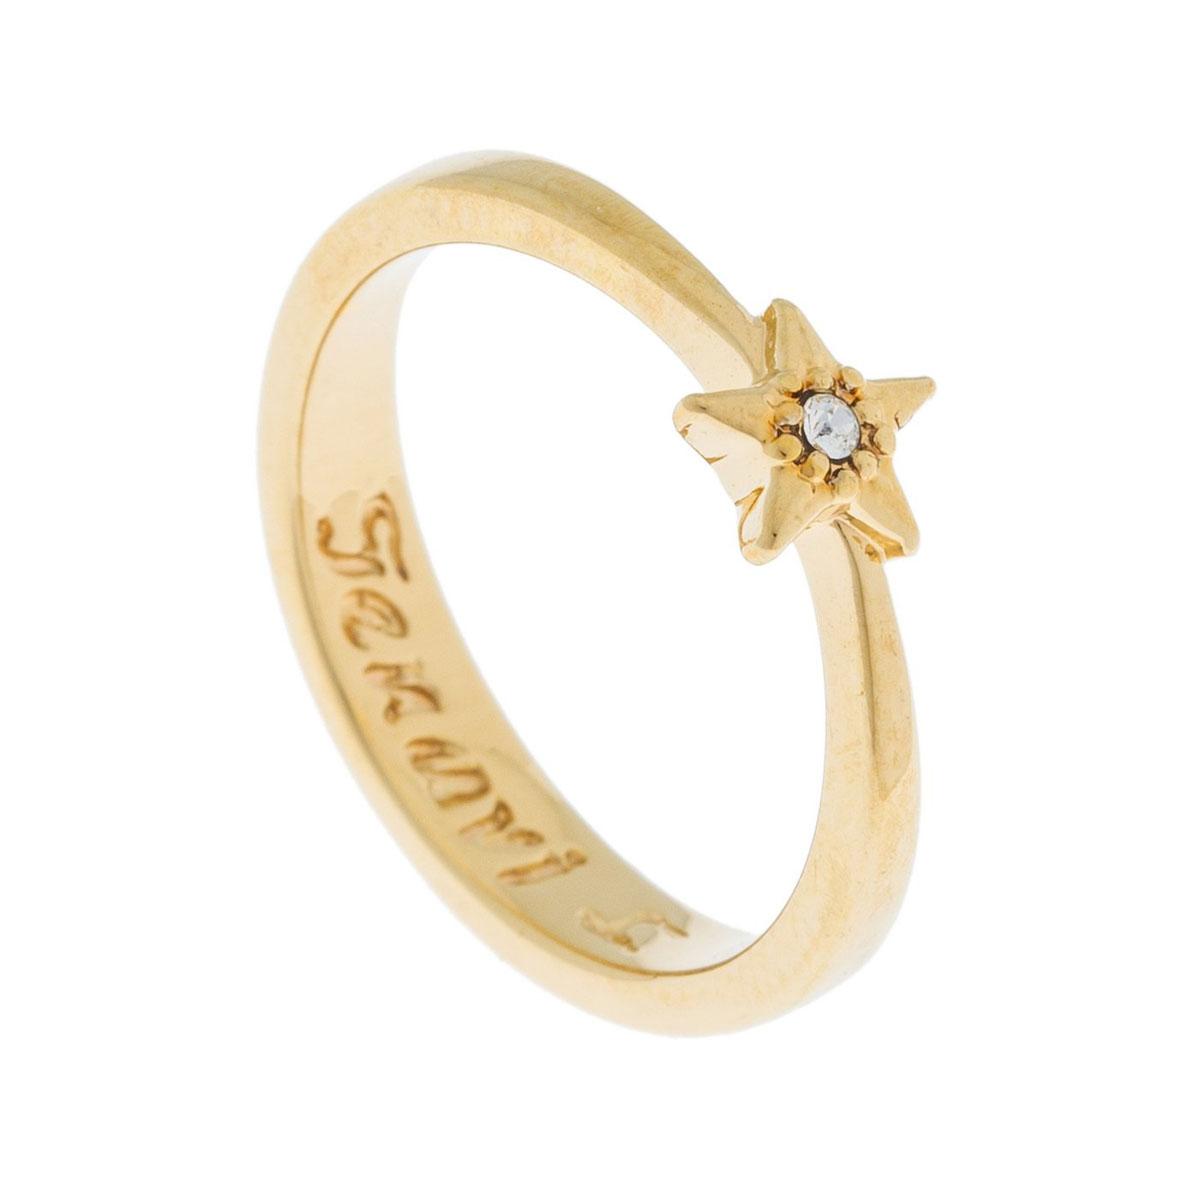 Кольцо Jenavi Энта, цвет: золотой, белый. k500p000. Размер 17k500p000Коллекция Э, Энта (Кольцо) гипоаллергенный ювелирный сплав,Позолота, вставка Кристаллы Swarovski